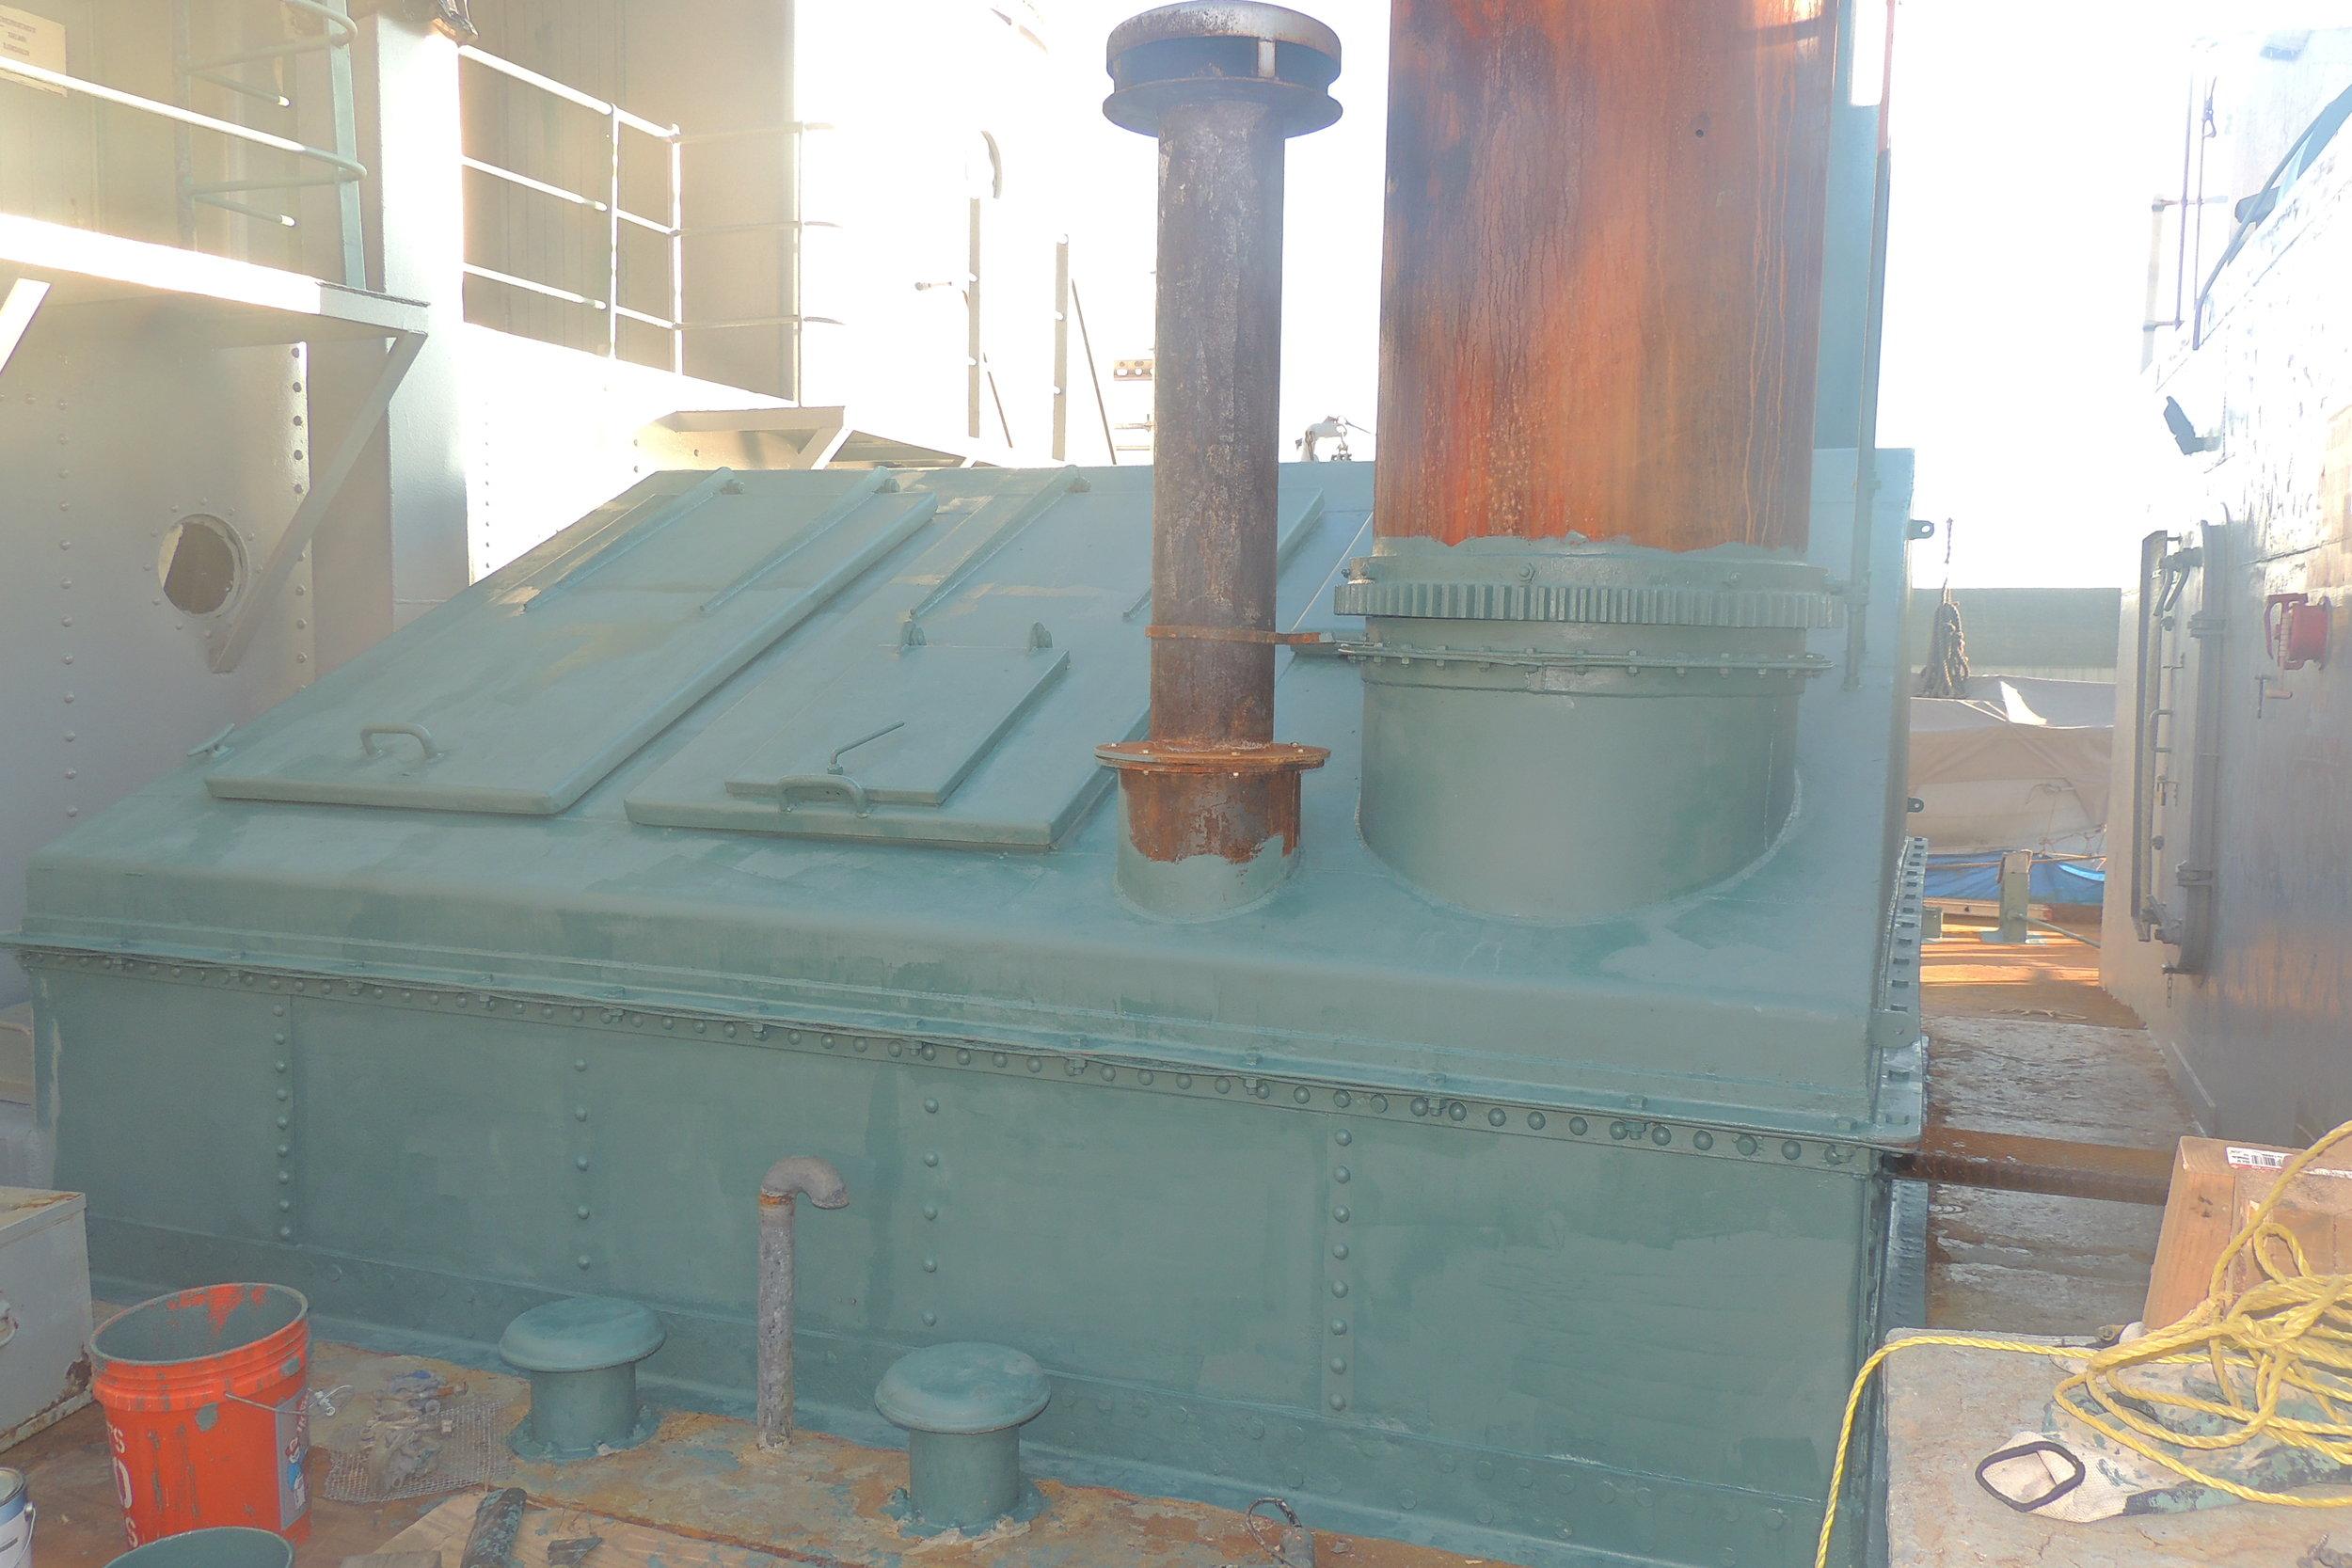 DSCN1646.JPG